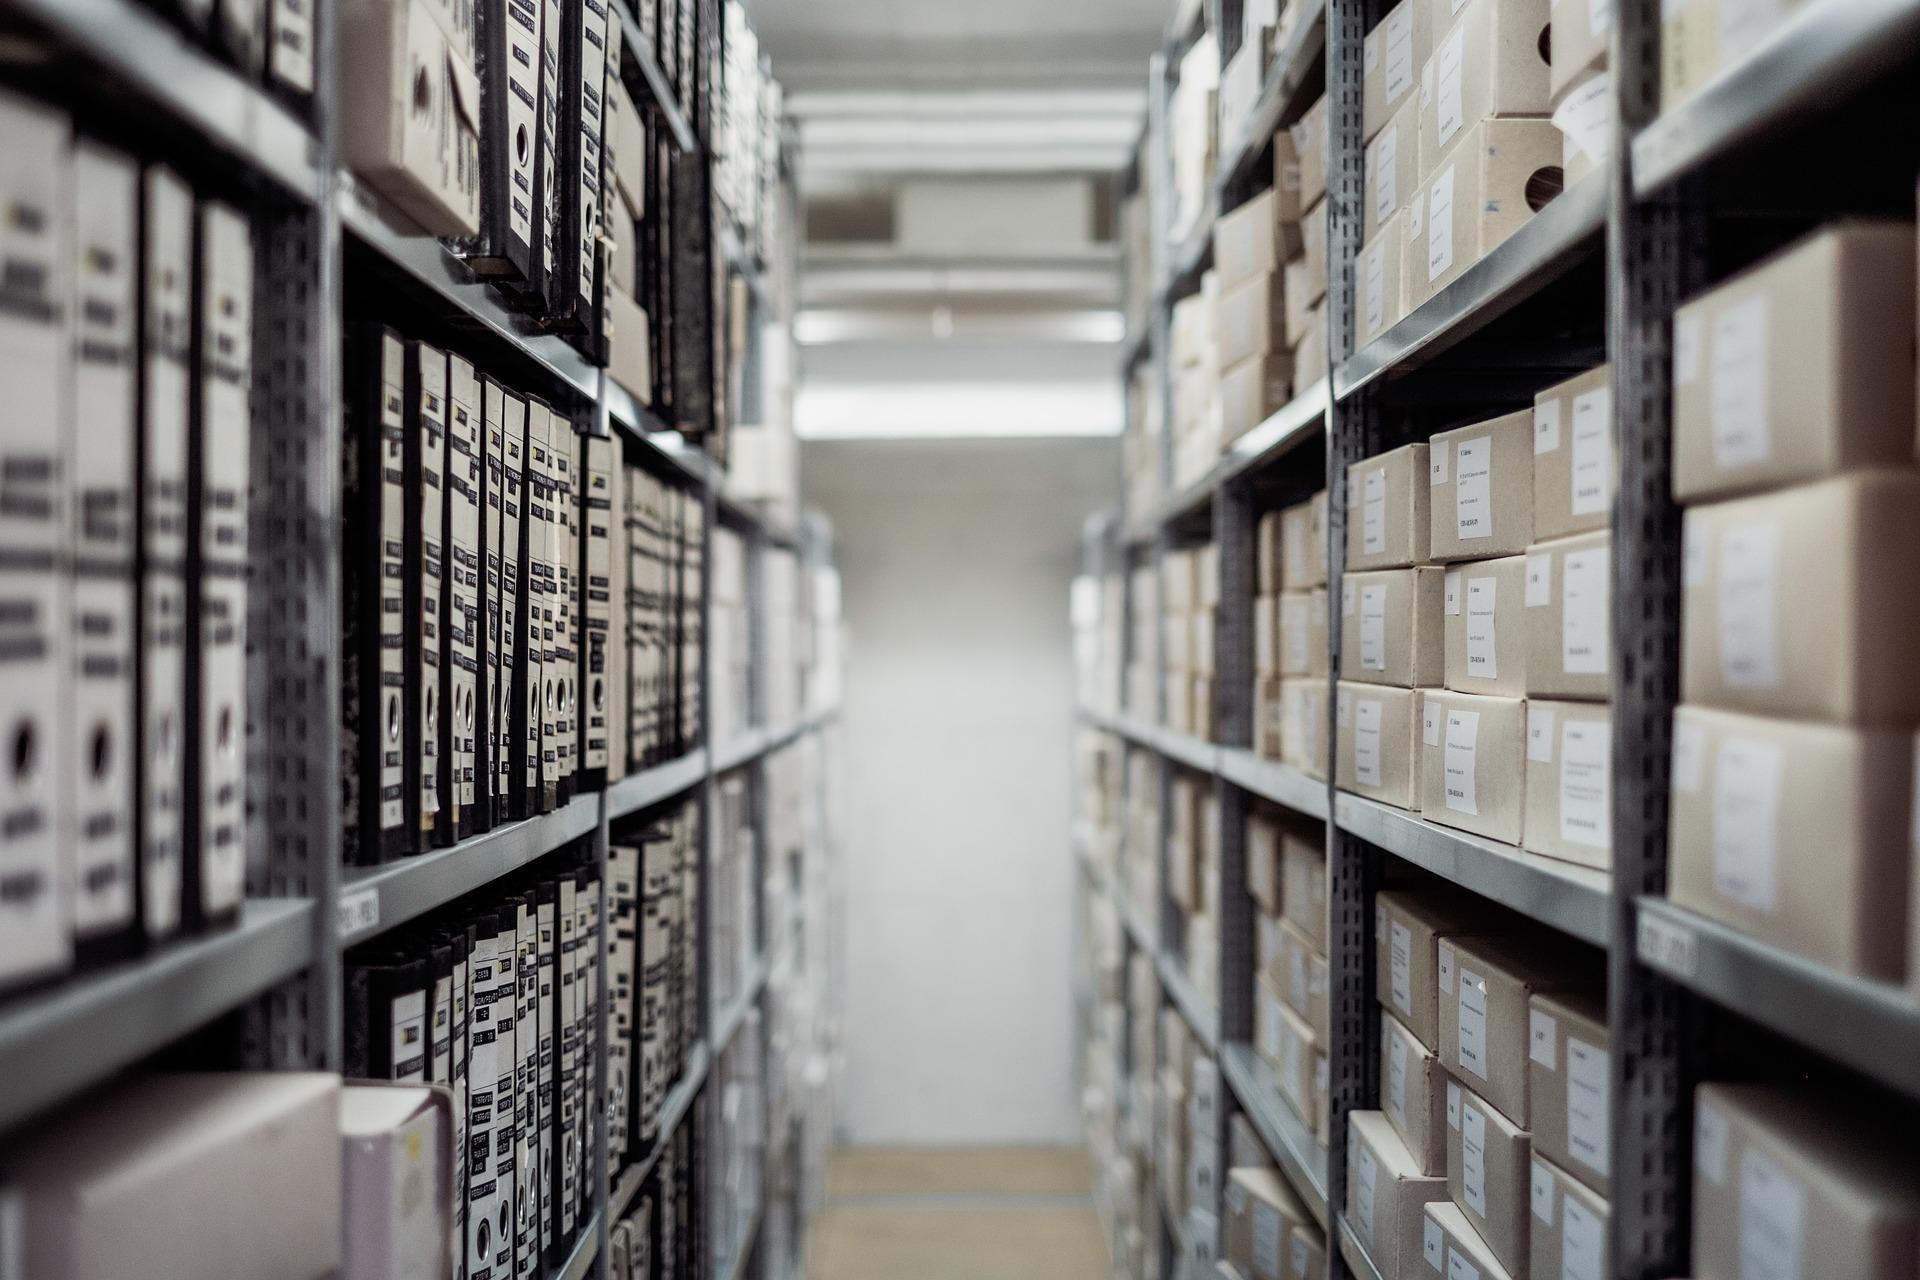 archive 1850170 1920.jpg - Amazon: les employés des entrepôts doivent travailler même si ils sont blessés